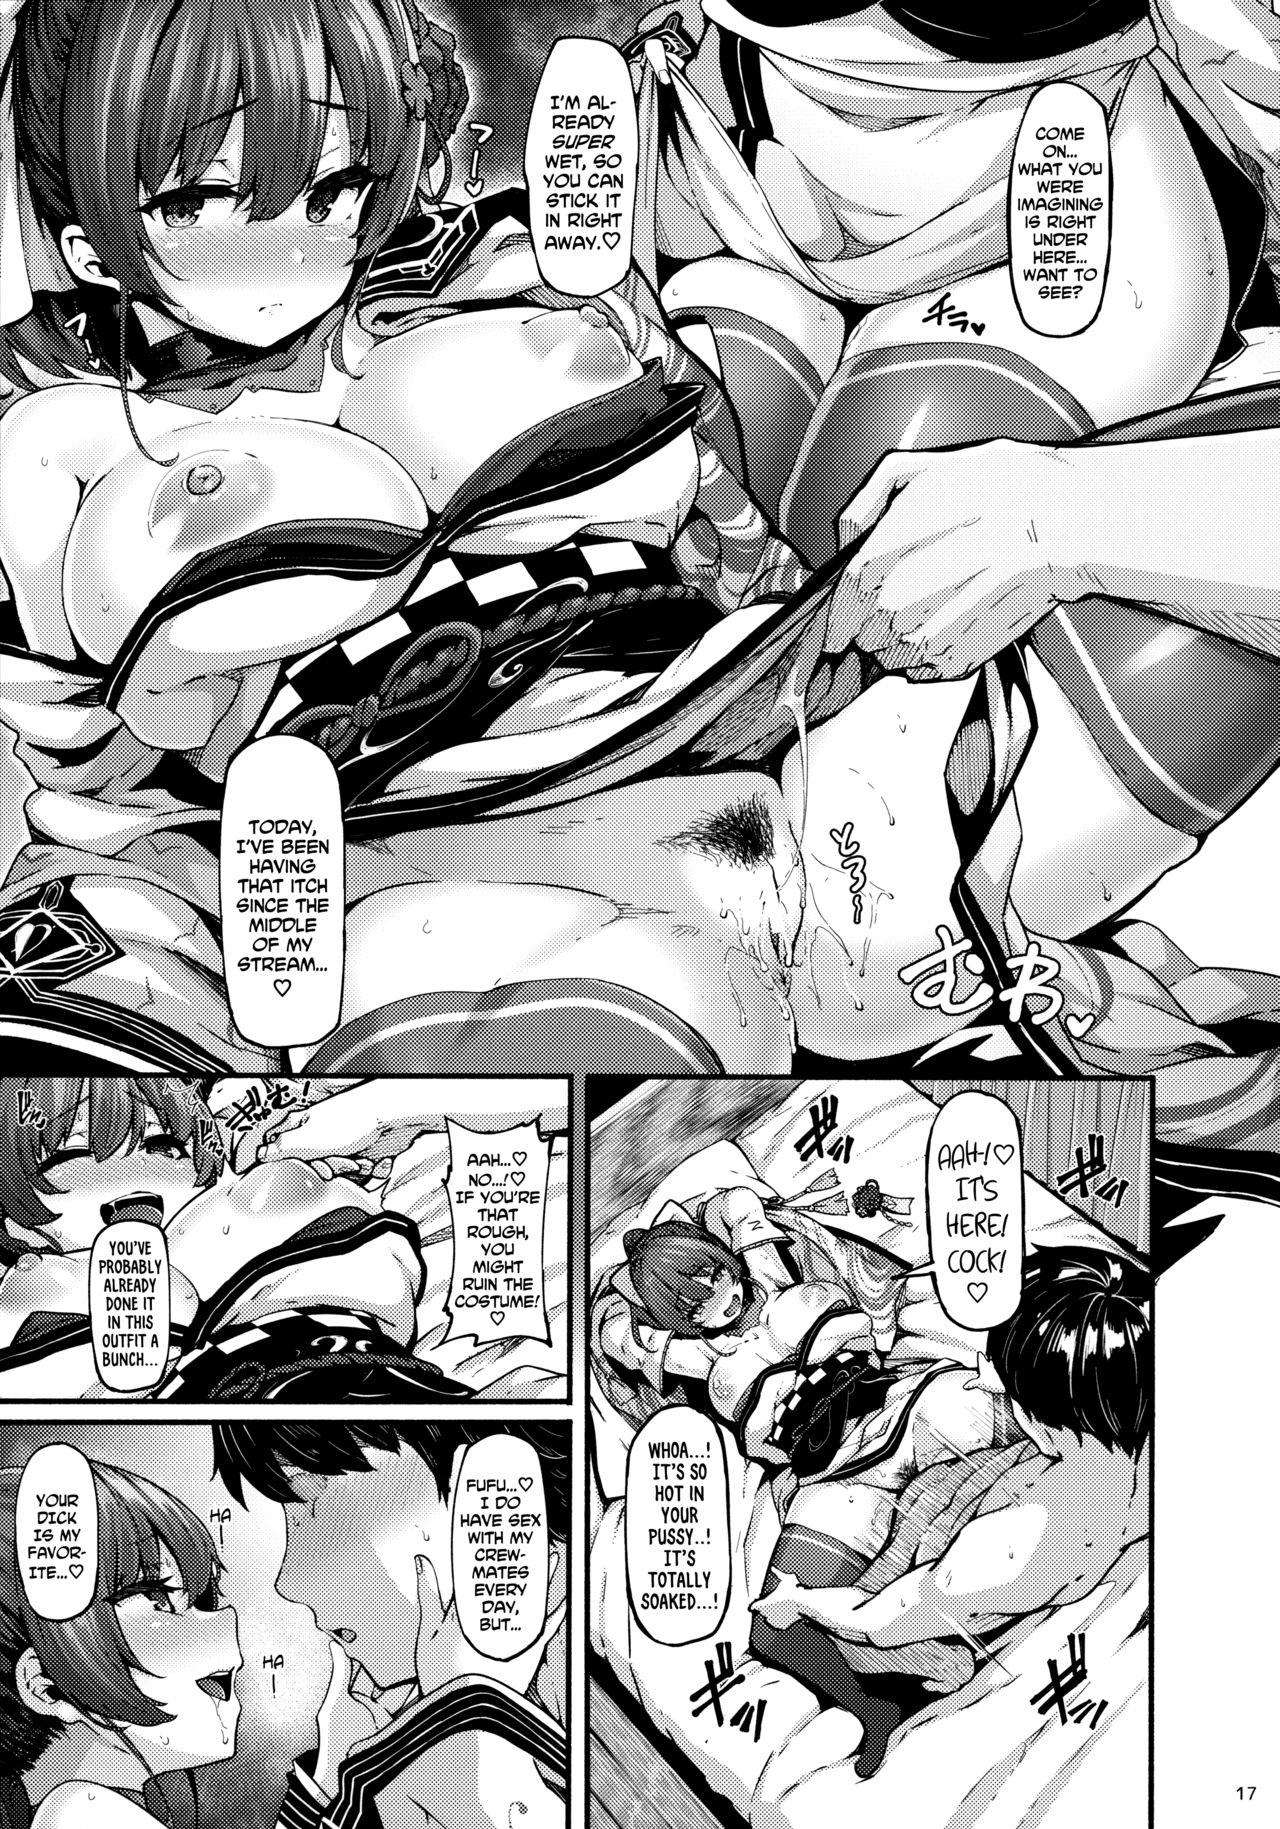 (Akihabara Chou Doujinsai) [LAMINARIA (Shiokonbu)] Kimi-tachii Senchou to Off-pako Shitain desu kaa | You Guys~! Do You Wanna Have Offline Sex With Senchou? (Houshou Marine) [English] [Xzosk] 16